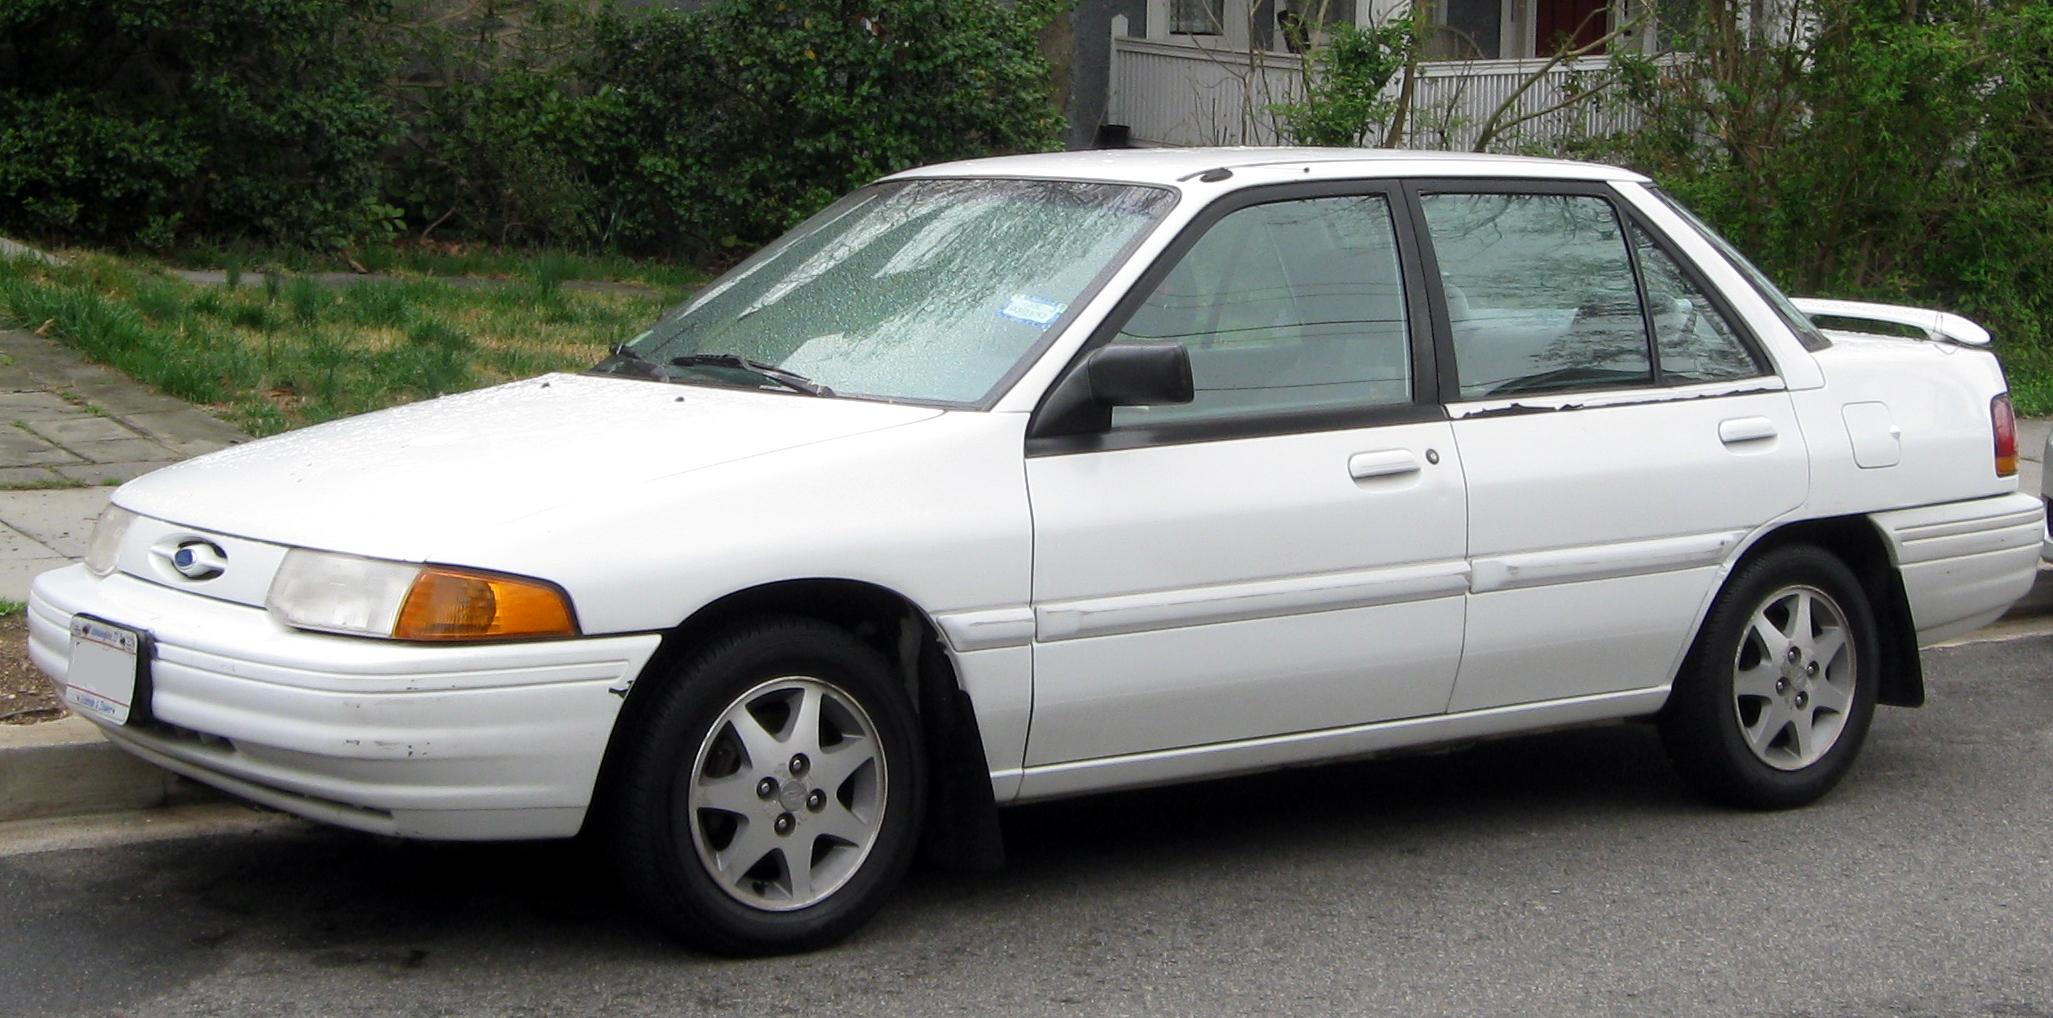 Description Ford Escort sedan -- 03-21-2012.JPG